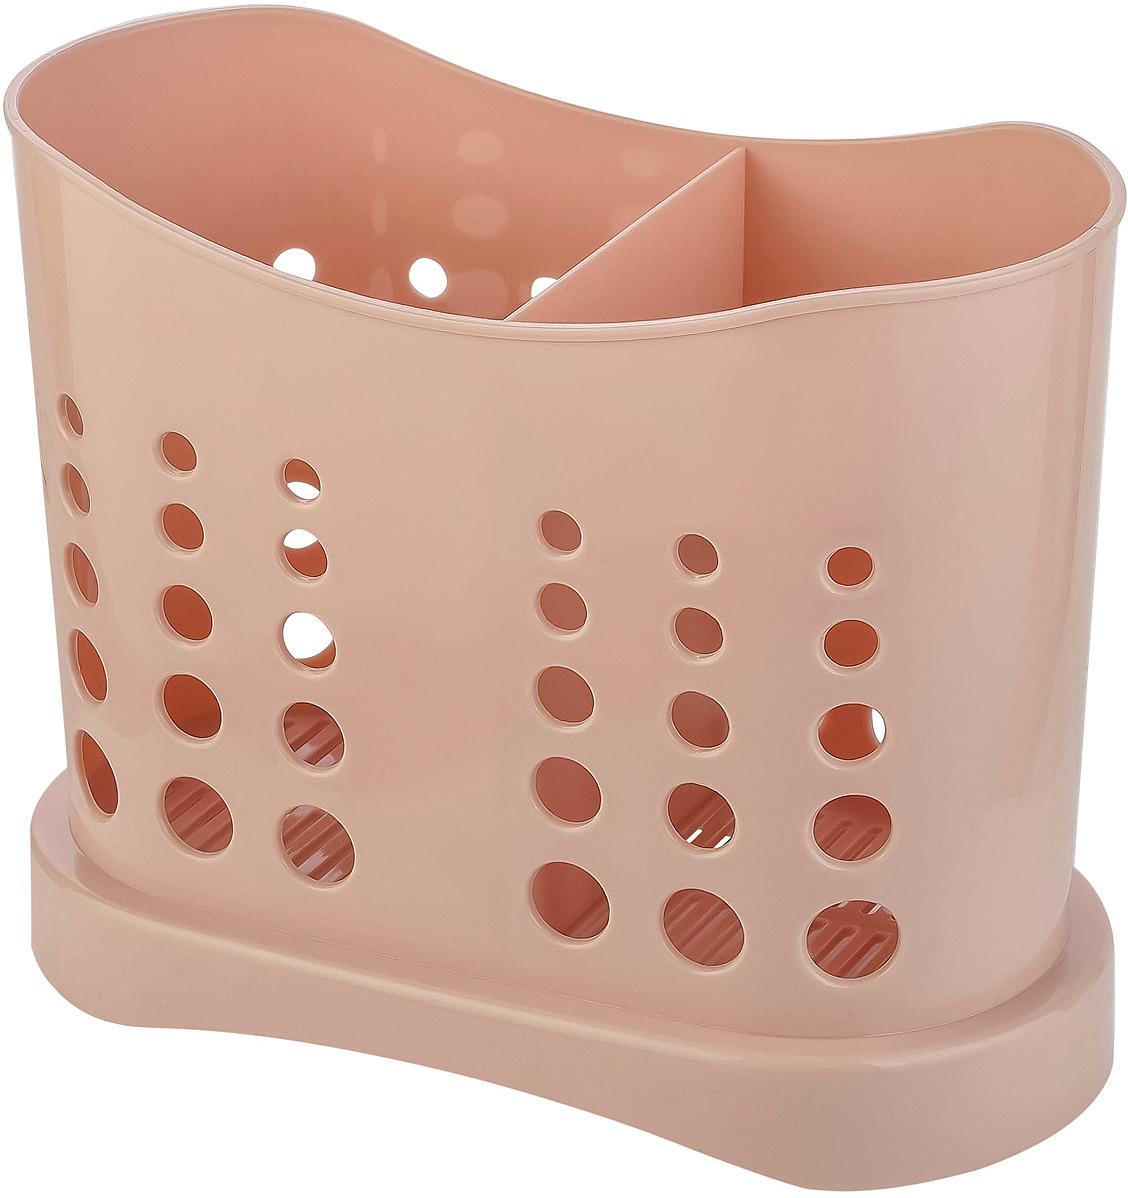 Сушилка для столовых приборов Plast Team Stockholm, PT9070ПД-22, пудровыйPT9070ПД-22Правильно подобранные аксессуары для кухни способны сделать ее удобной, функциональной, а главное красивой. Две секции для разделения столовых приборов. Встроенные ножки и отверстия для слива воды. Встроенные в дизайн отверстия для обеспечения вентиляции столовых приборов.